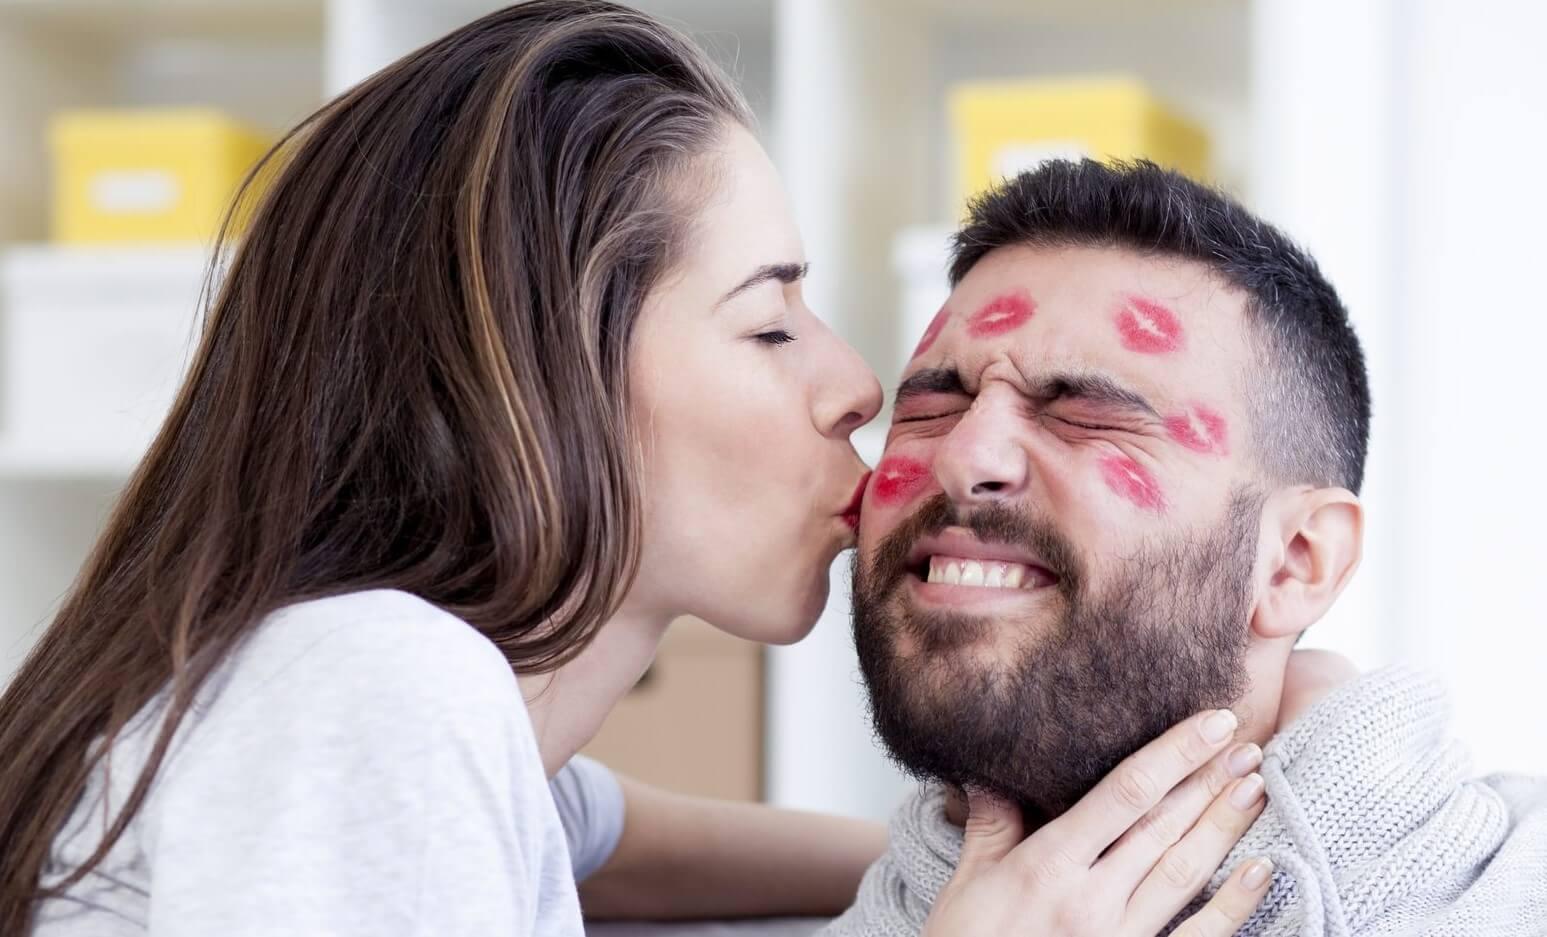 ▷ Sonhar Beijando 【Não se assuste com o significado】